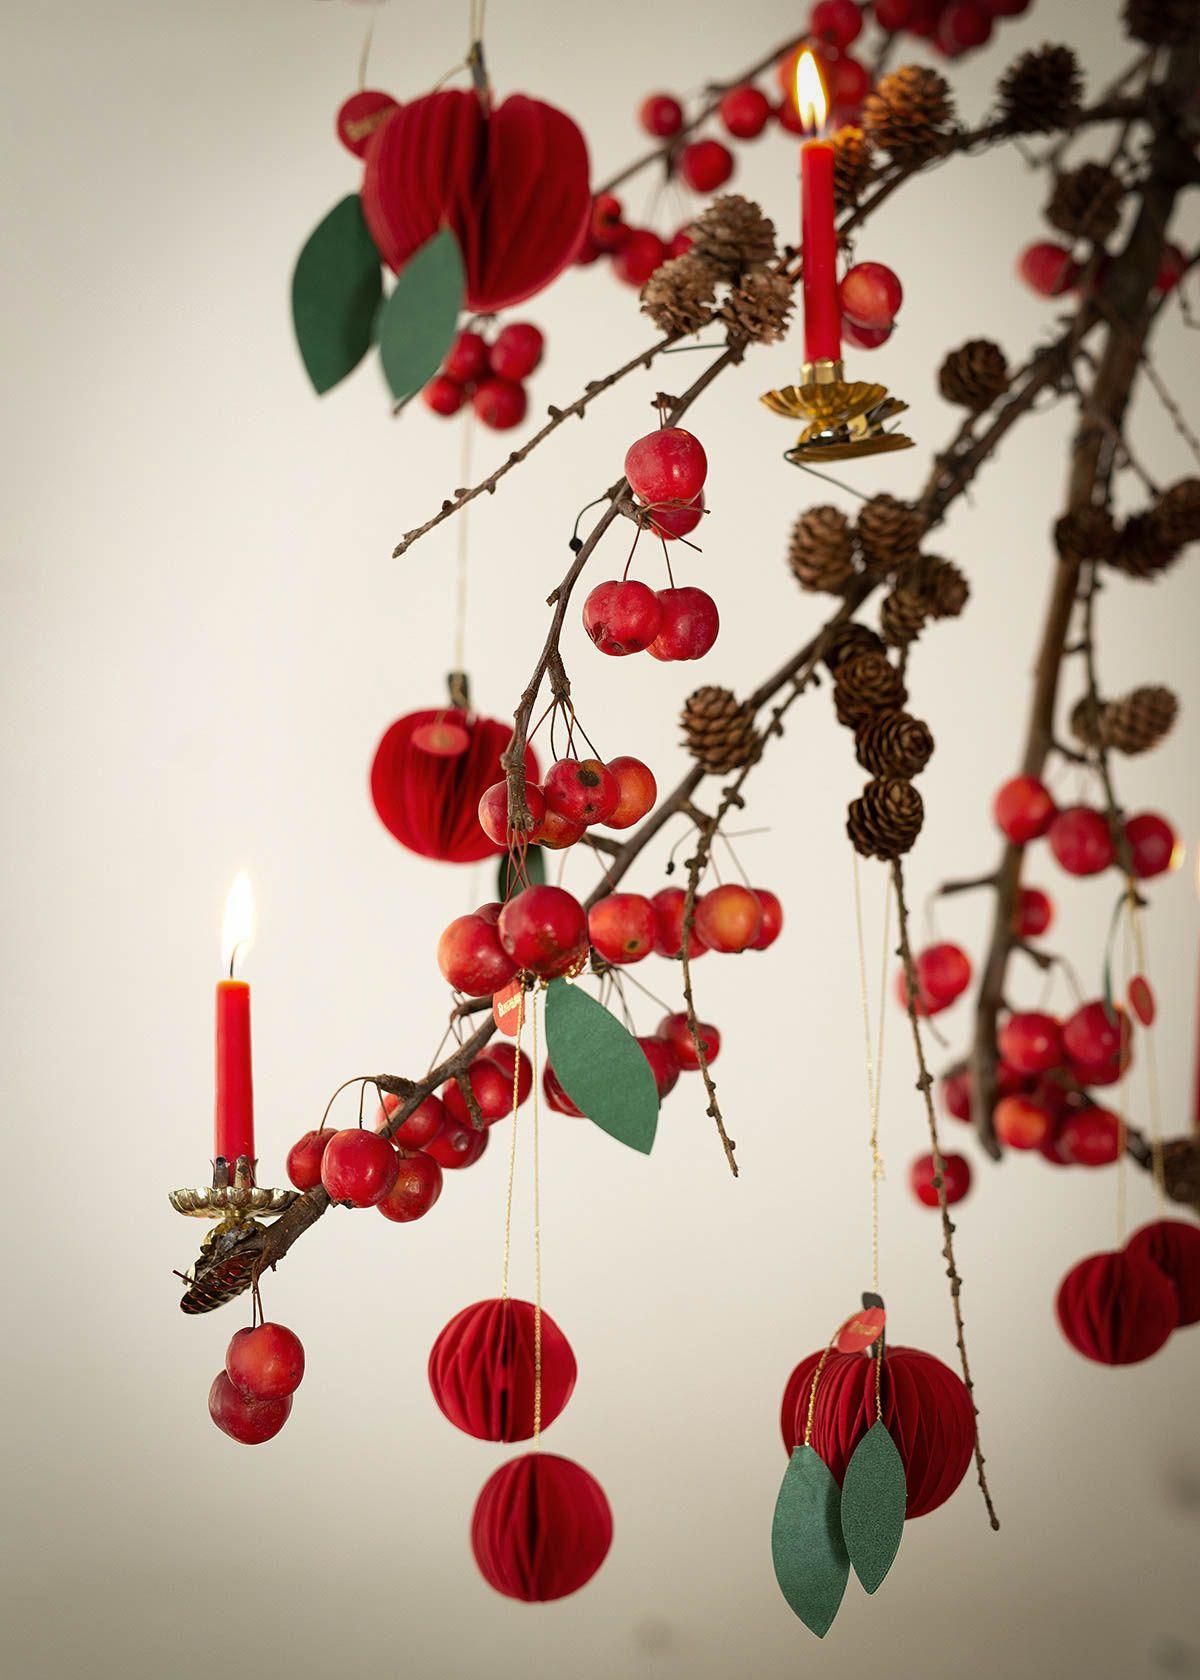 rot-grüne weihnachtsdeko mit äpfeln und nüssen - Wunderschön gemacht